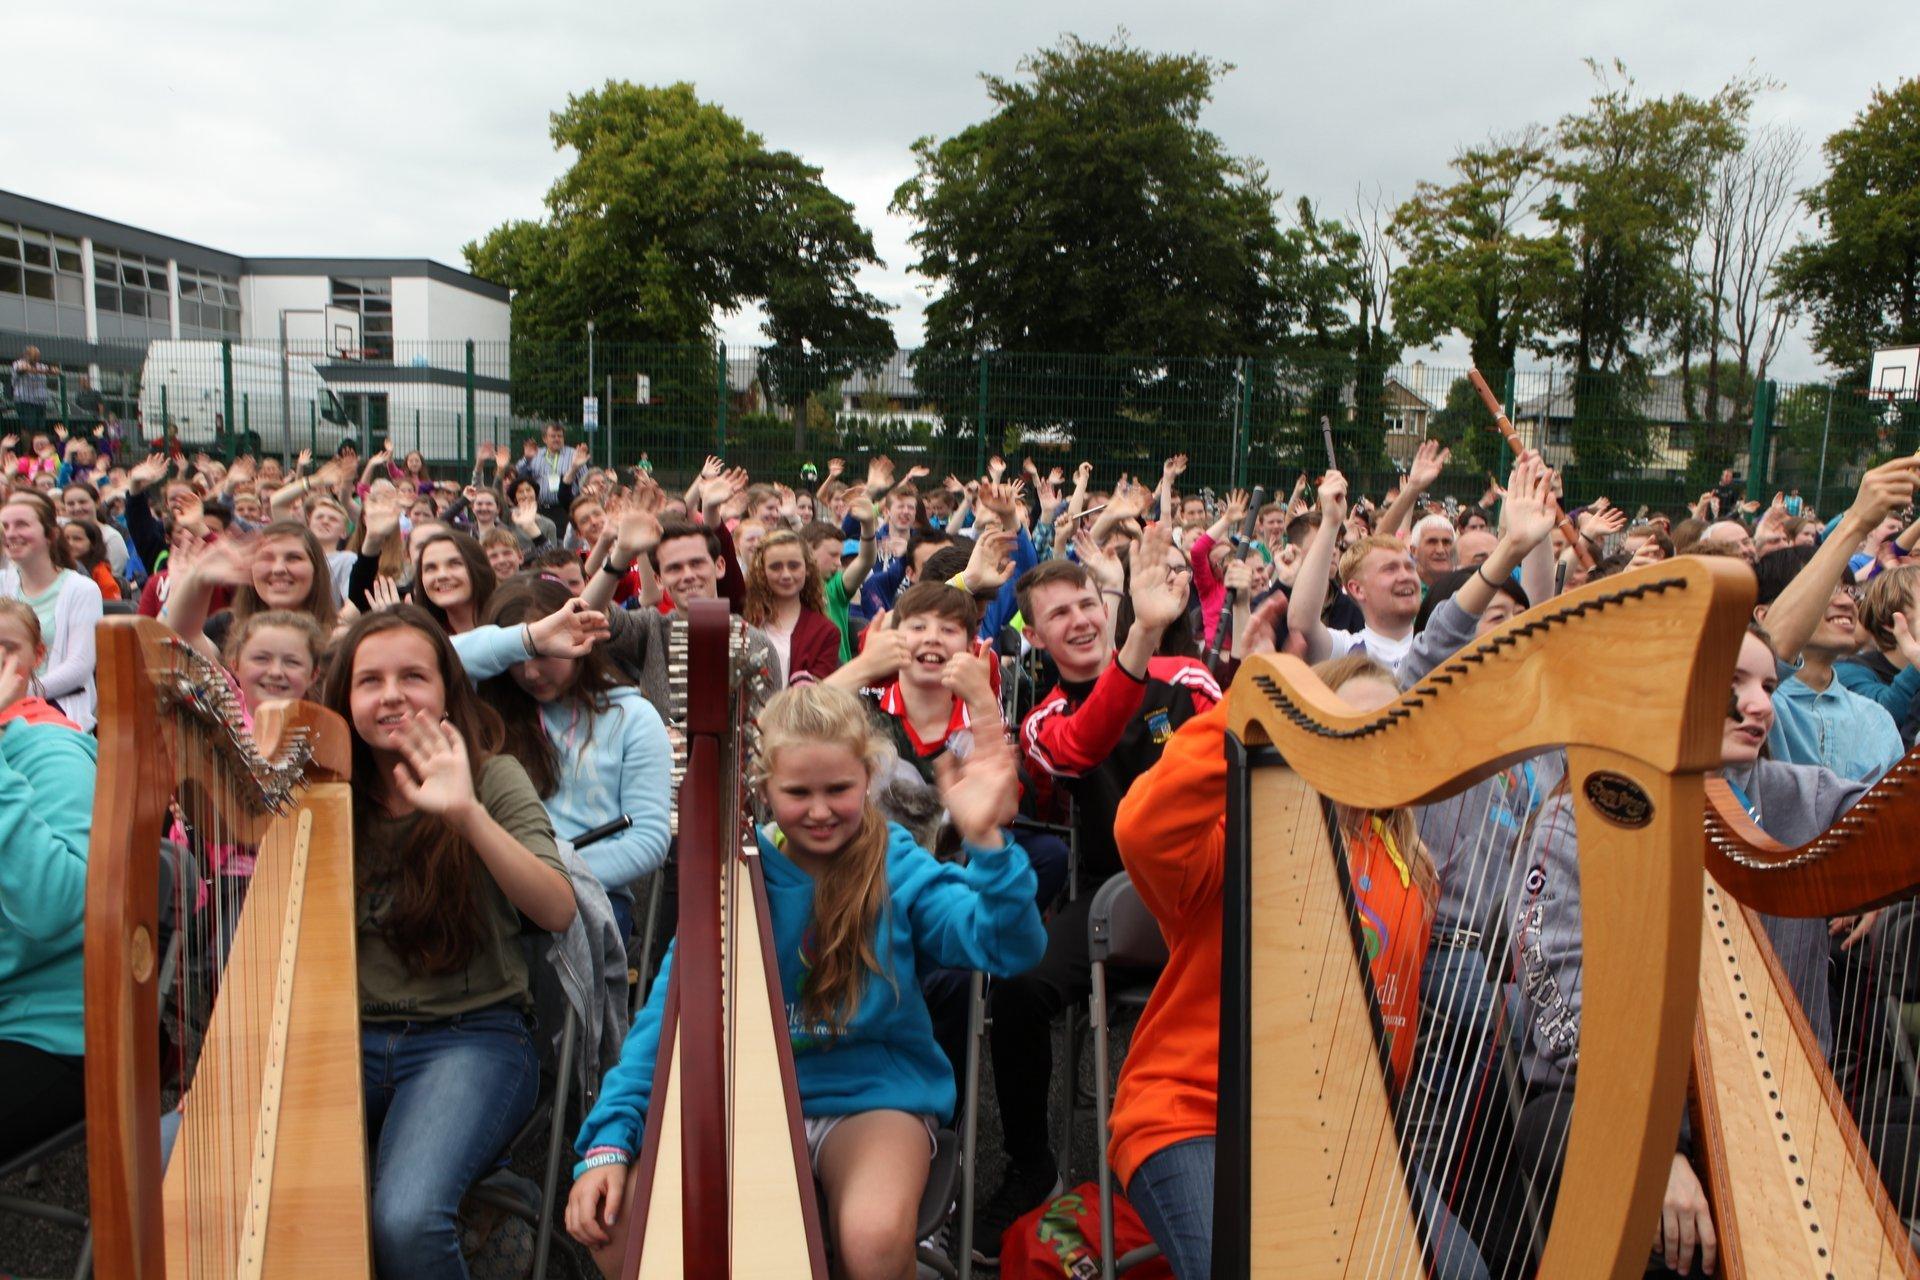 Fleadh Cheoil na hÉireann in Ireland - Best Season 2019